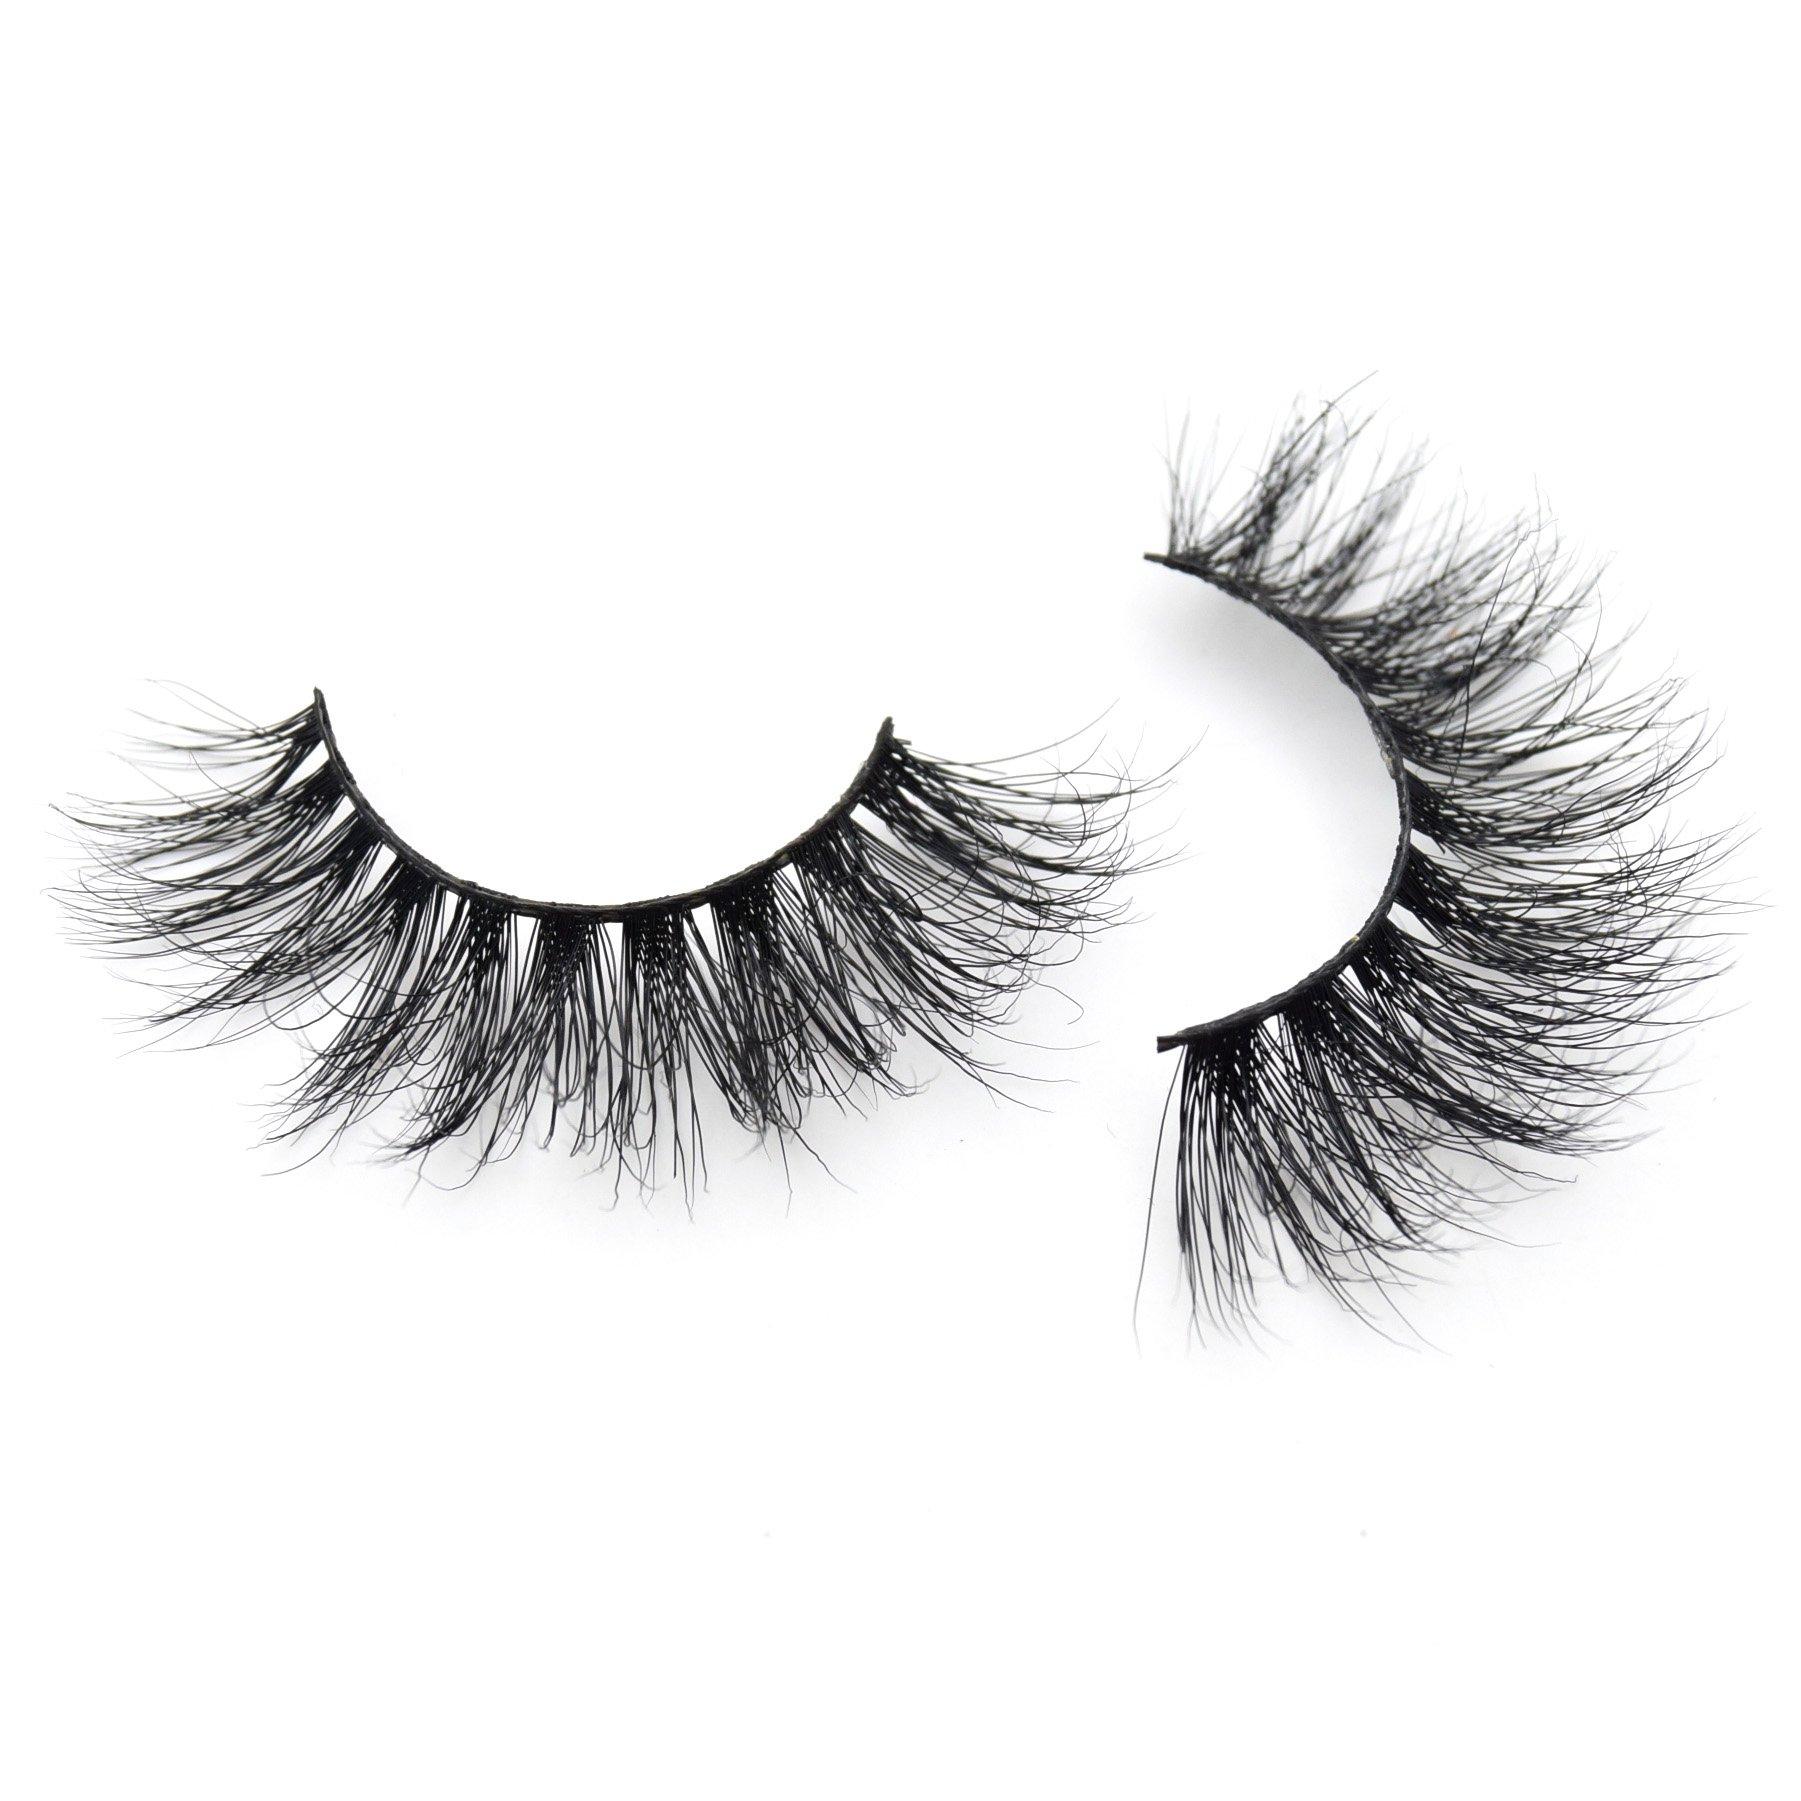 efddd88a81c Amazon.com : Visofree Lashes High Volume 3D Mink Lashes Reusable Dramatic  Eyelashes/False Eyelashes : Beauty